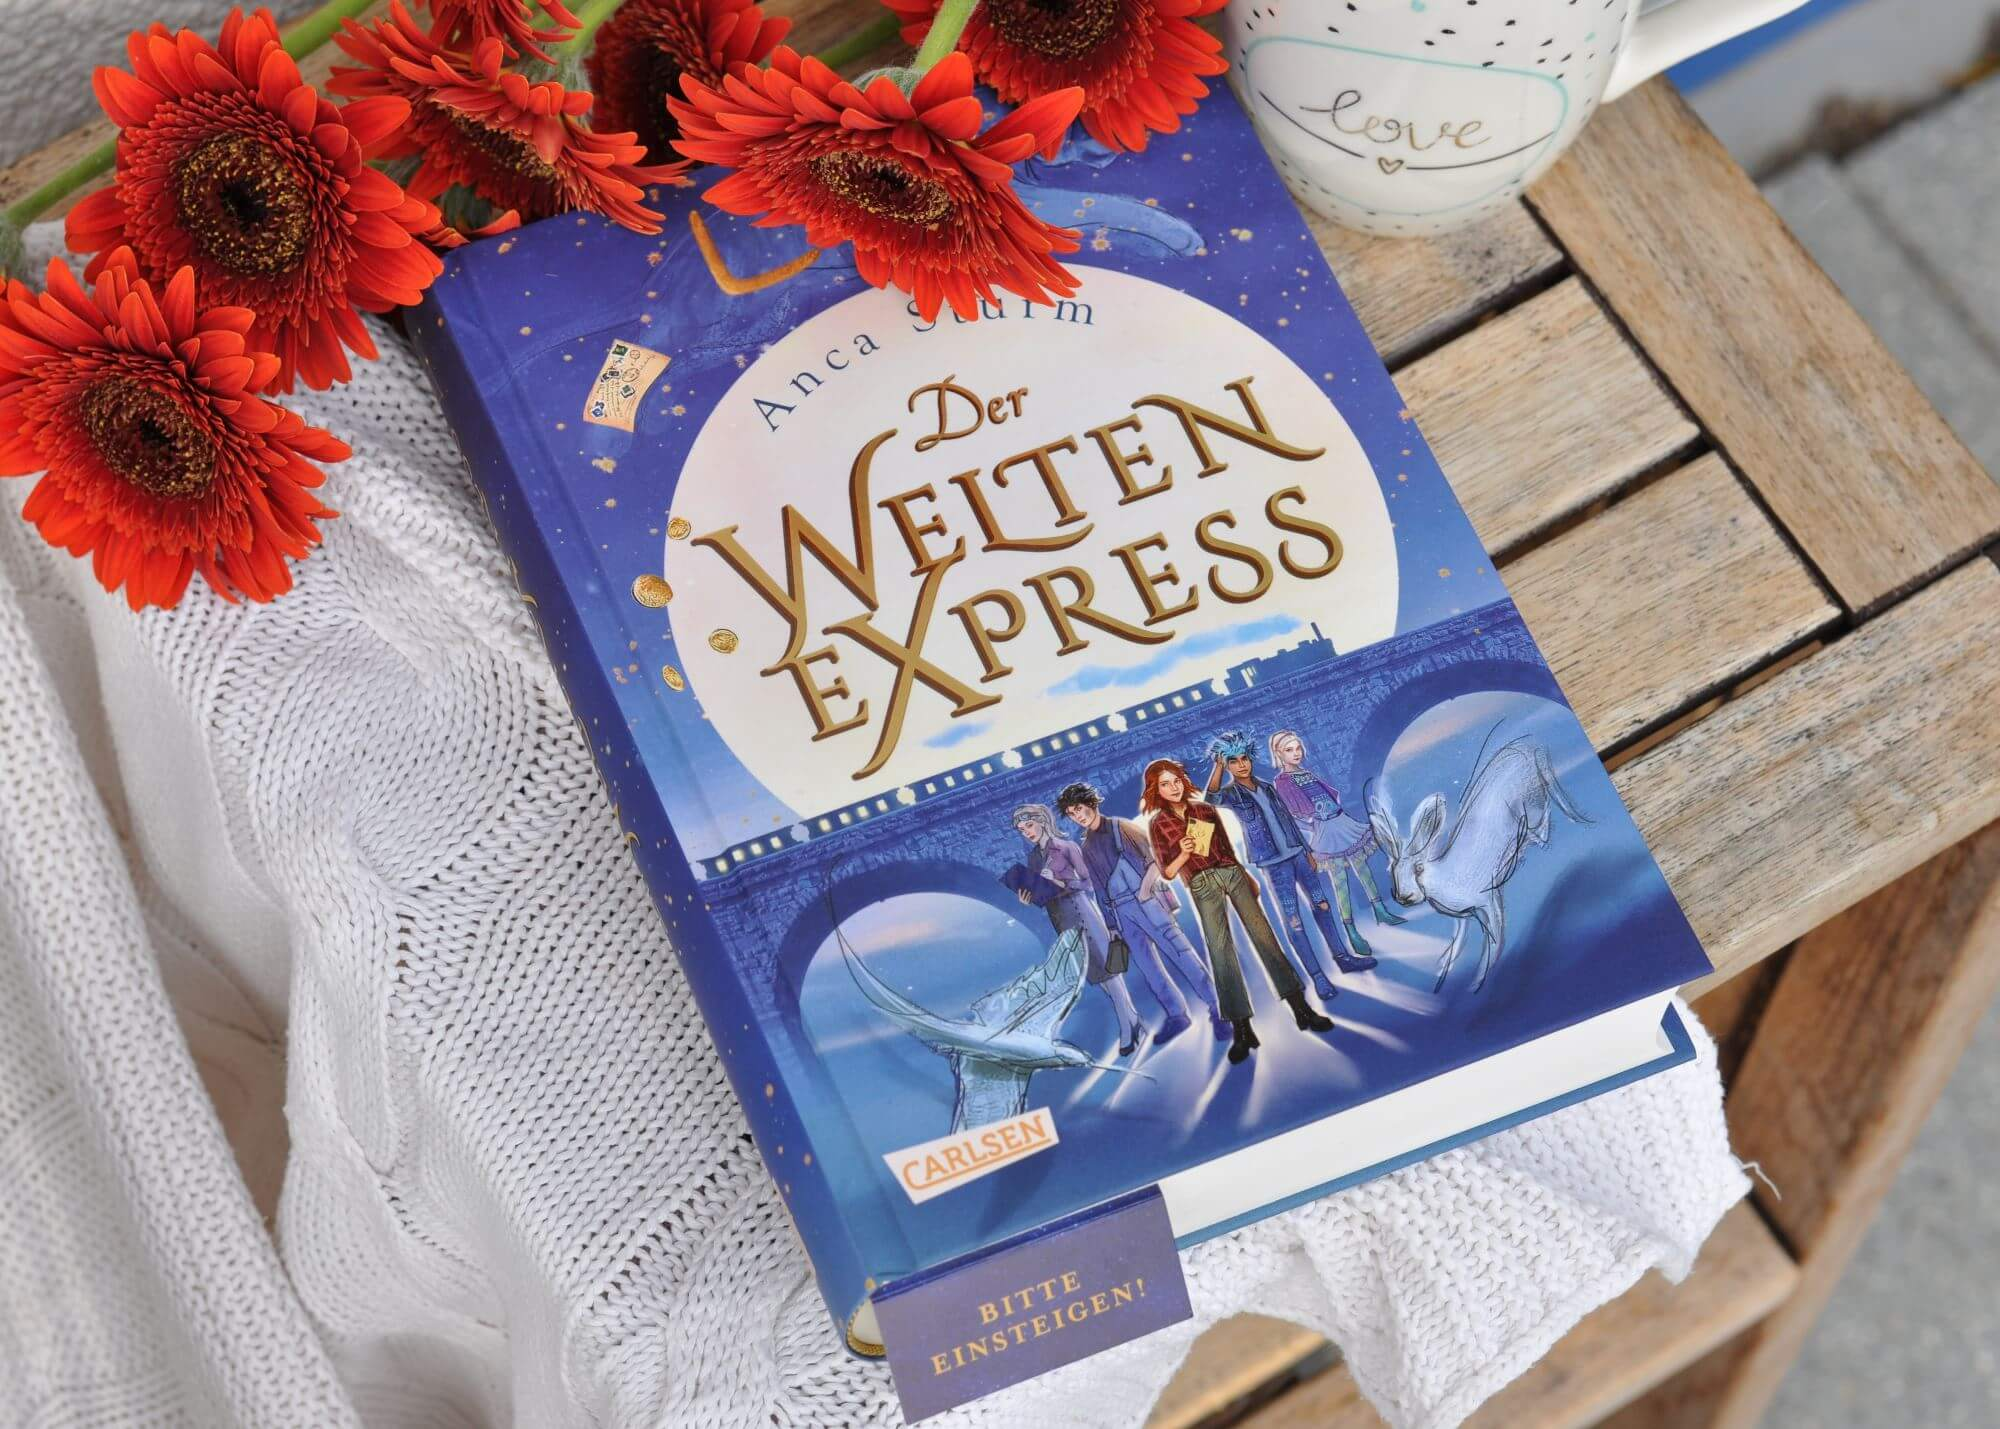 Der Welten-Express - Der erste Band einer fantastisch-zauberhaften Trilogie über Freundschaft, Liebe und Abenteuer mit jeder Menge Spannung und Magie #Internat #schule #lesen #buch #fantasy #zug #reisen #abenteuer